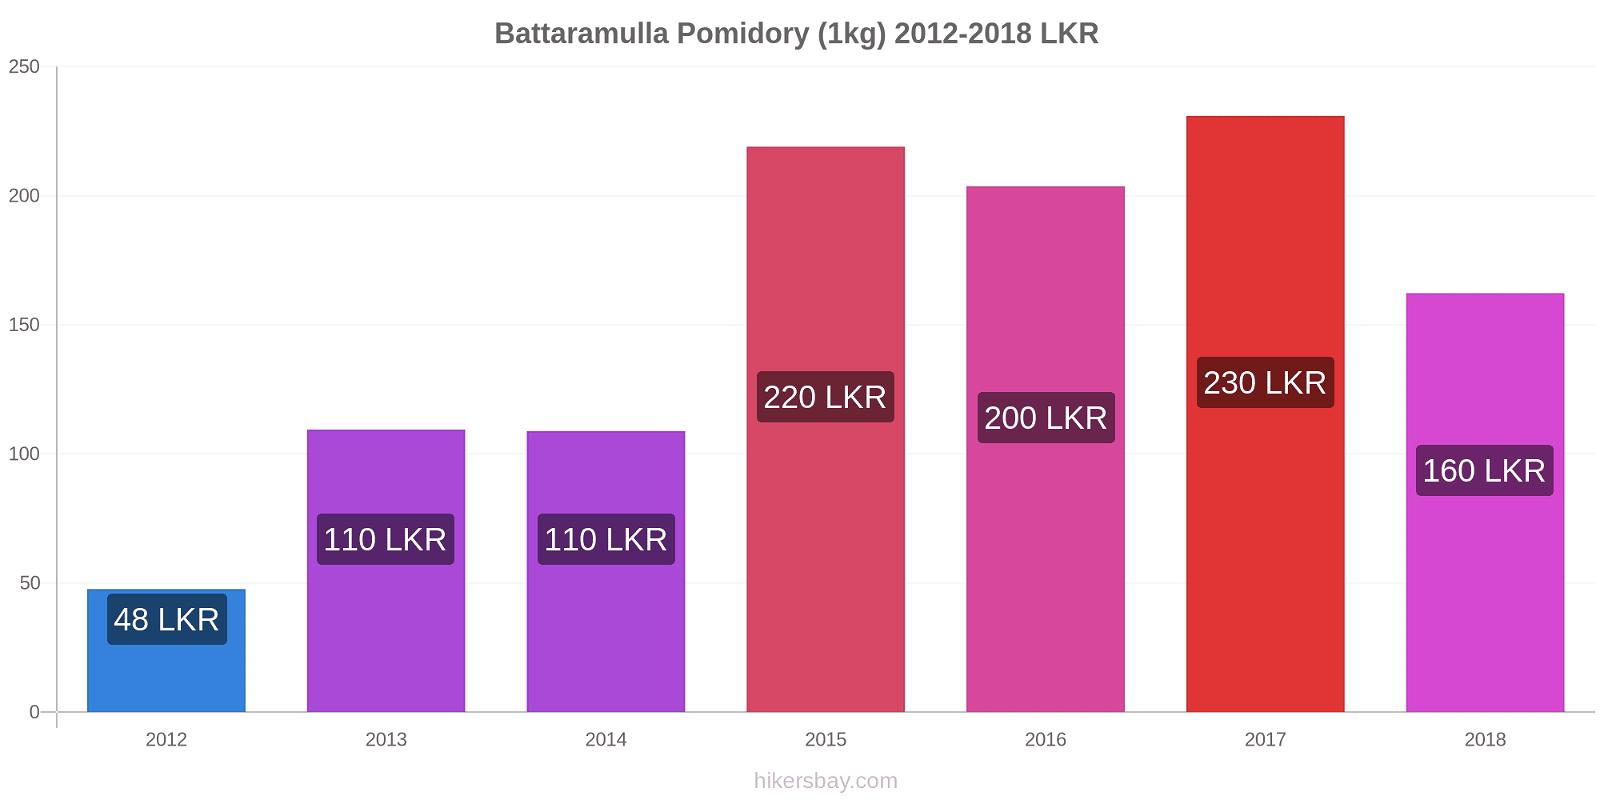 Battaramulla zmiany cen Pomidory (1kg) hikersbay.com